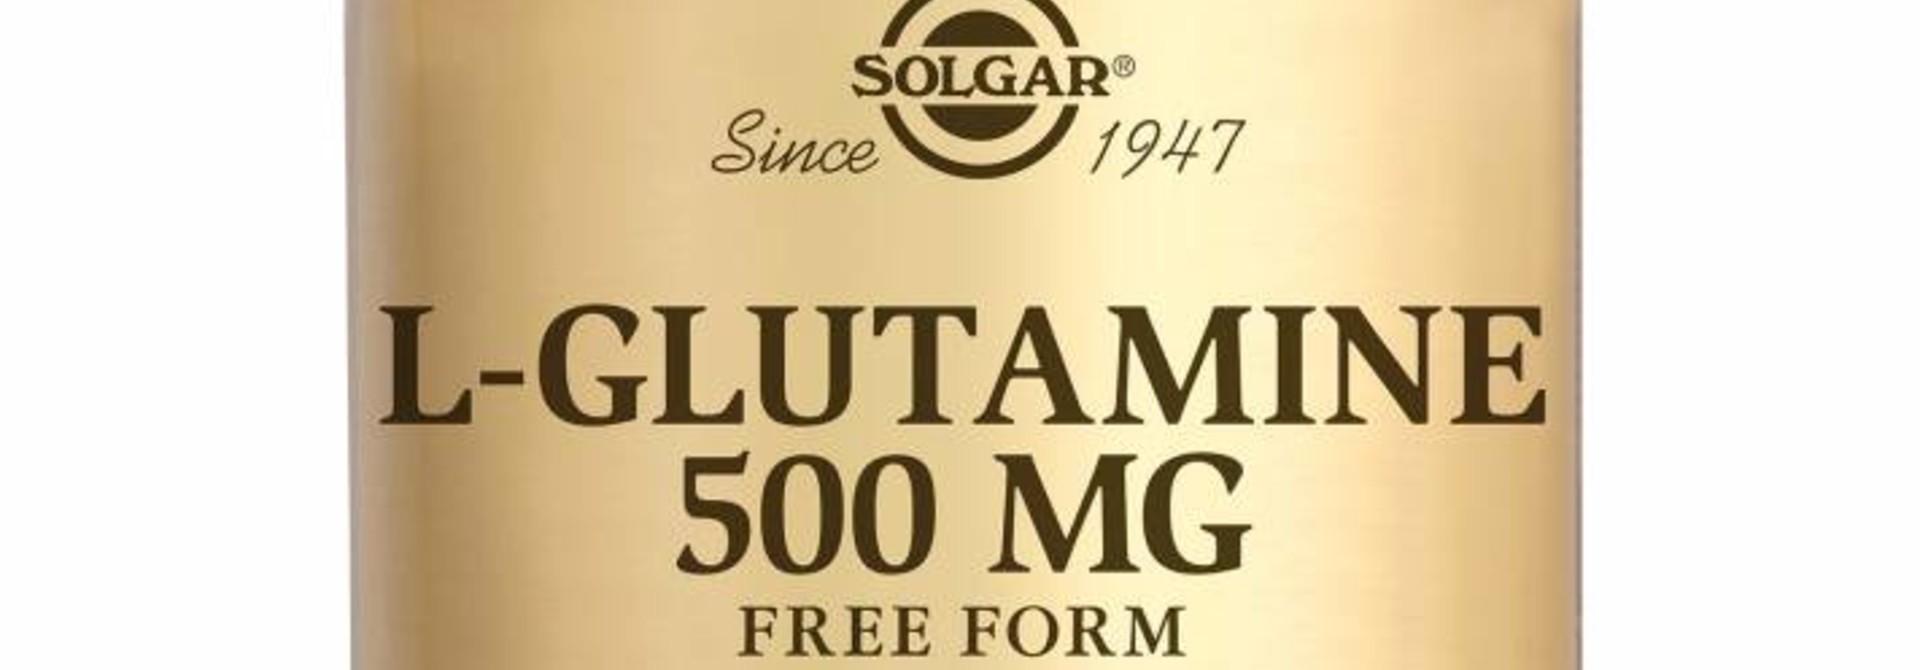 L-Glutamine 500 mg 250 plantaardige capsules